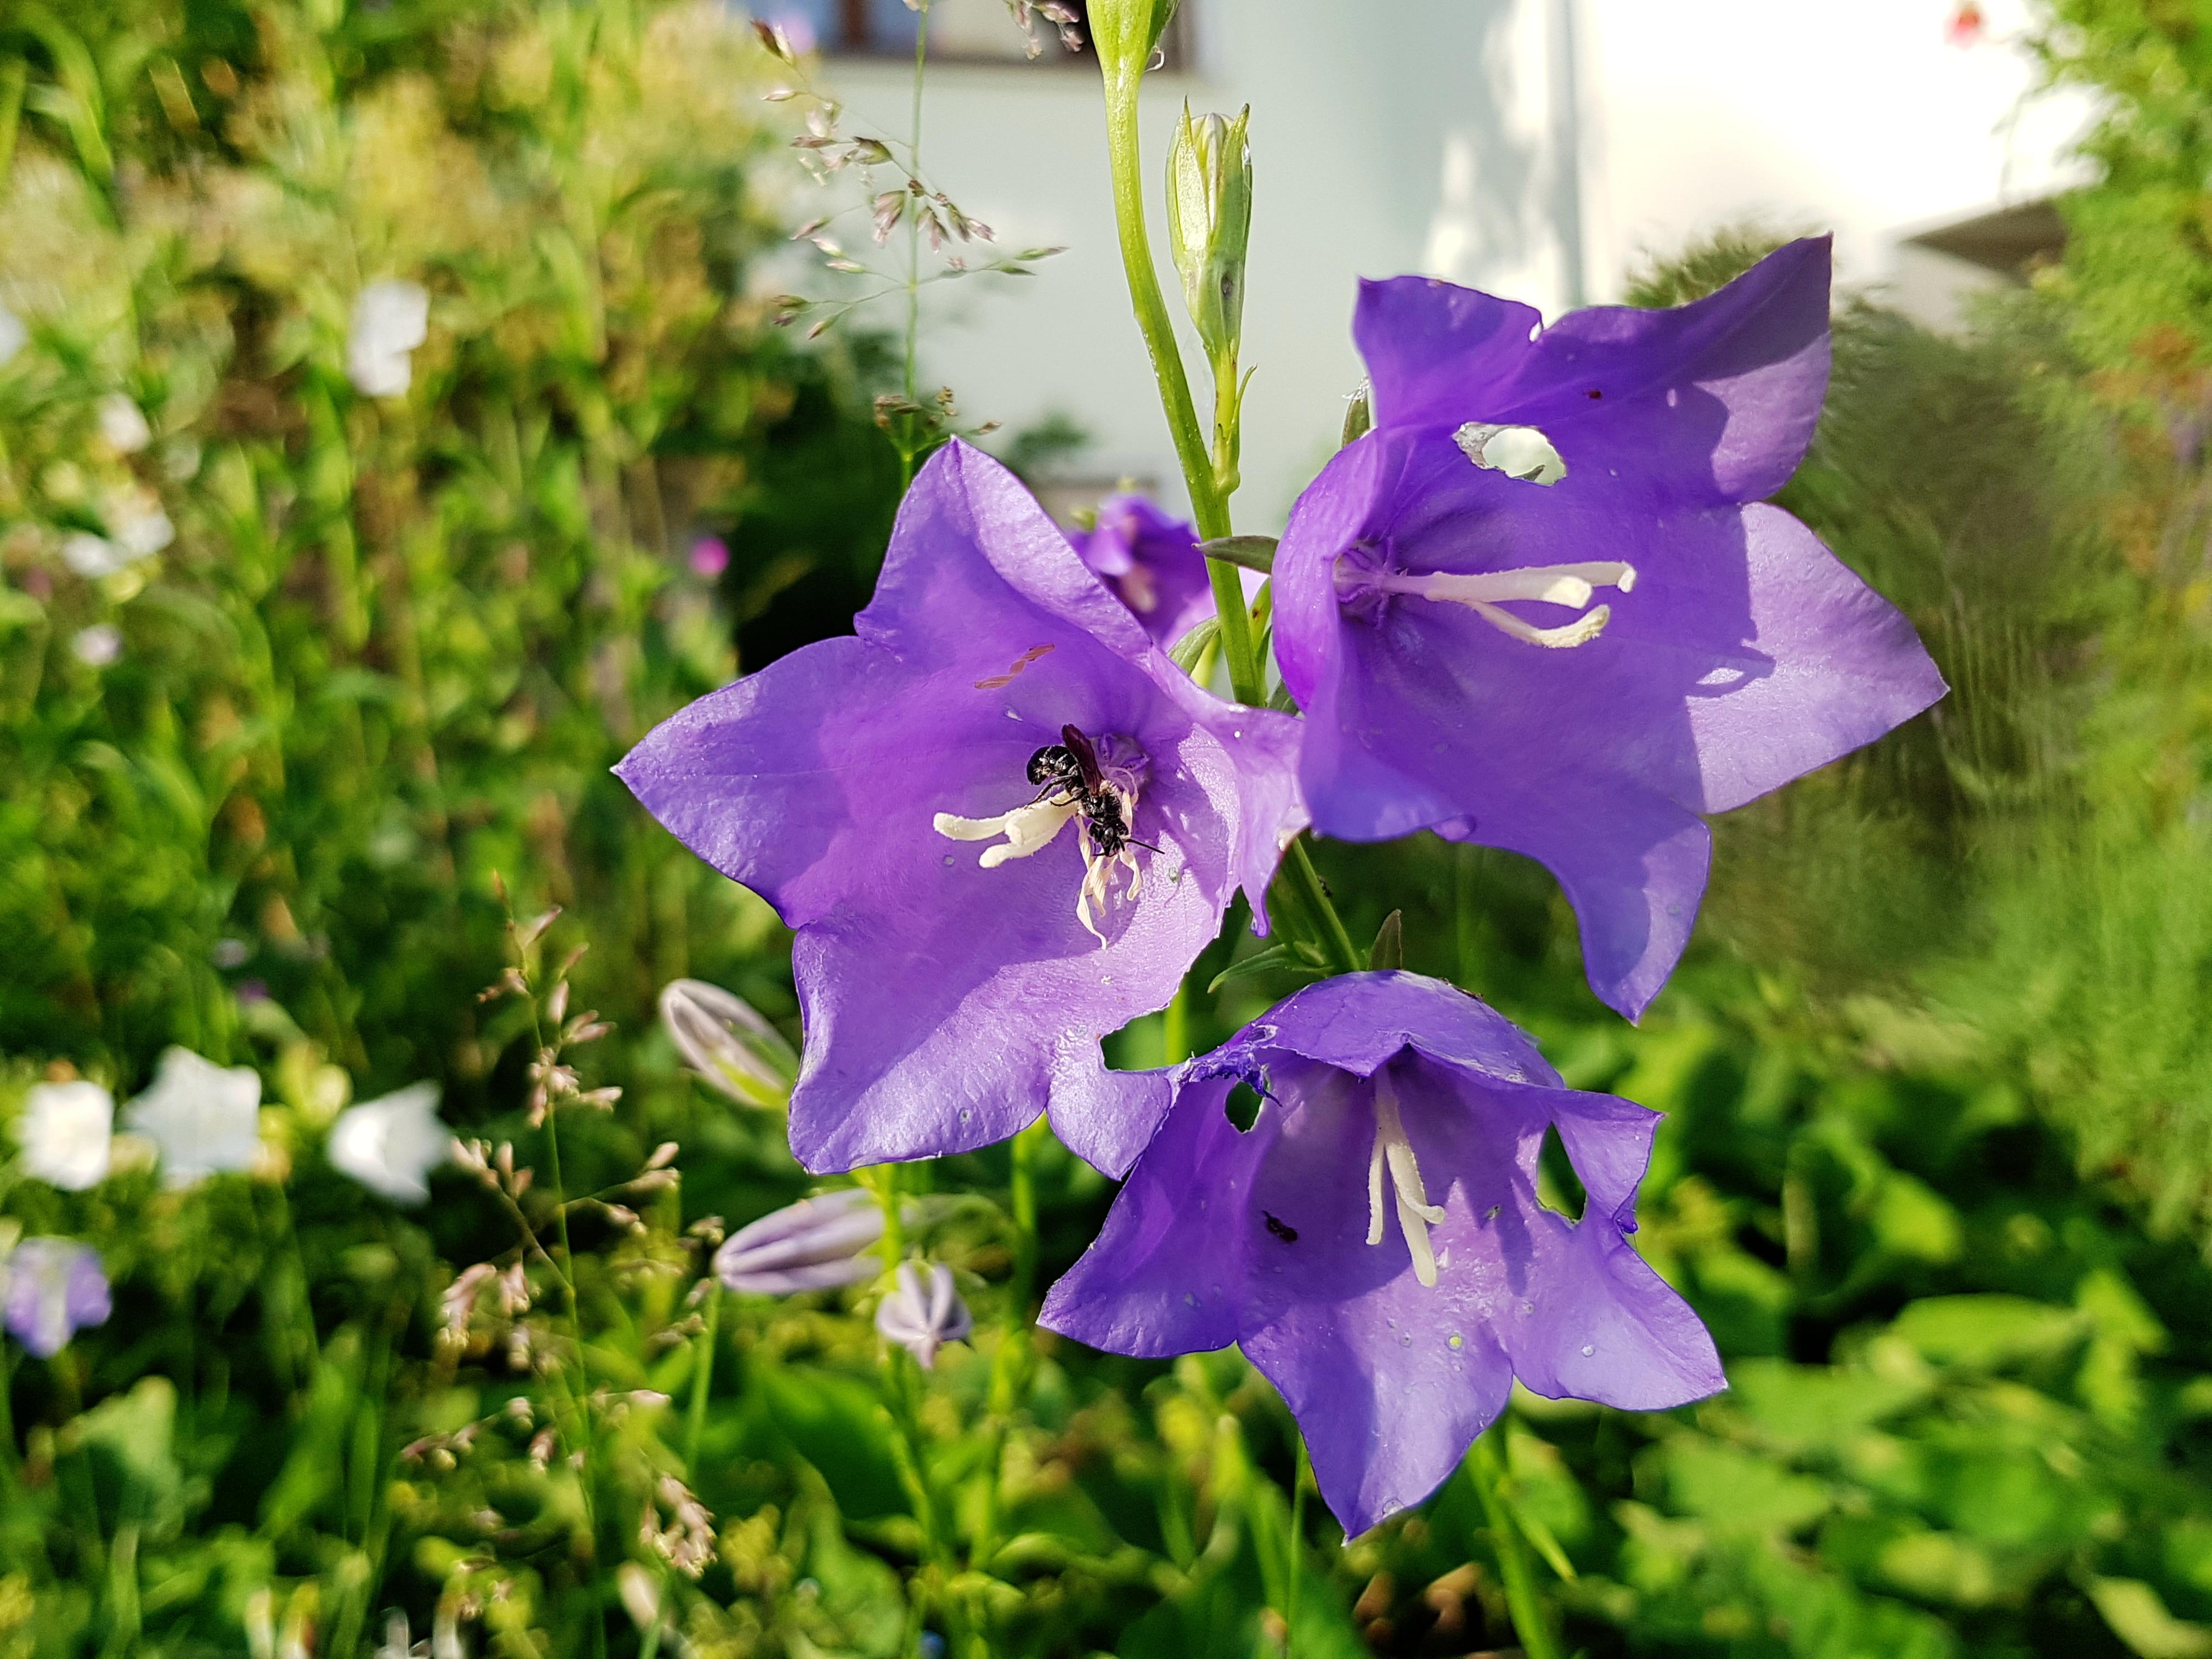 Pfirsichtblättrige Glockenblume